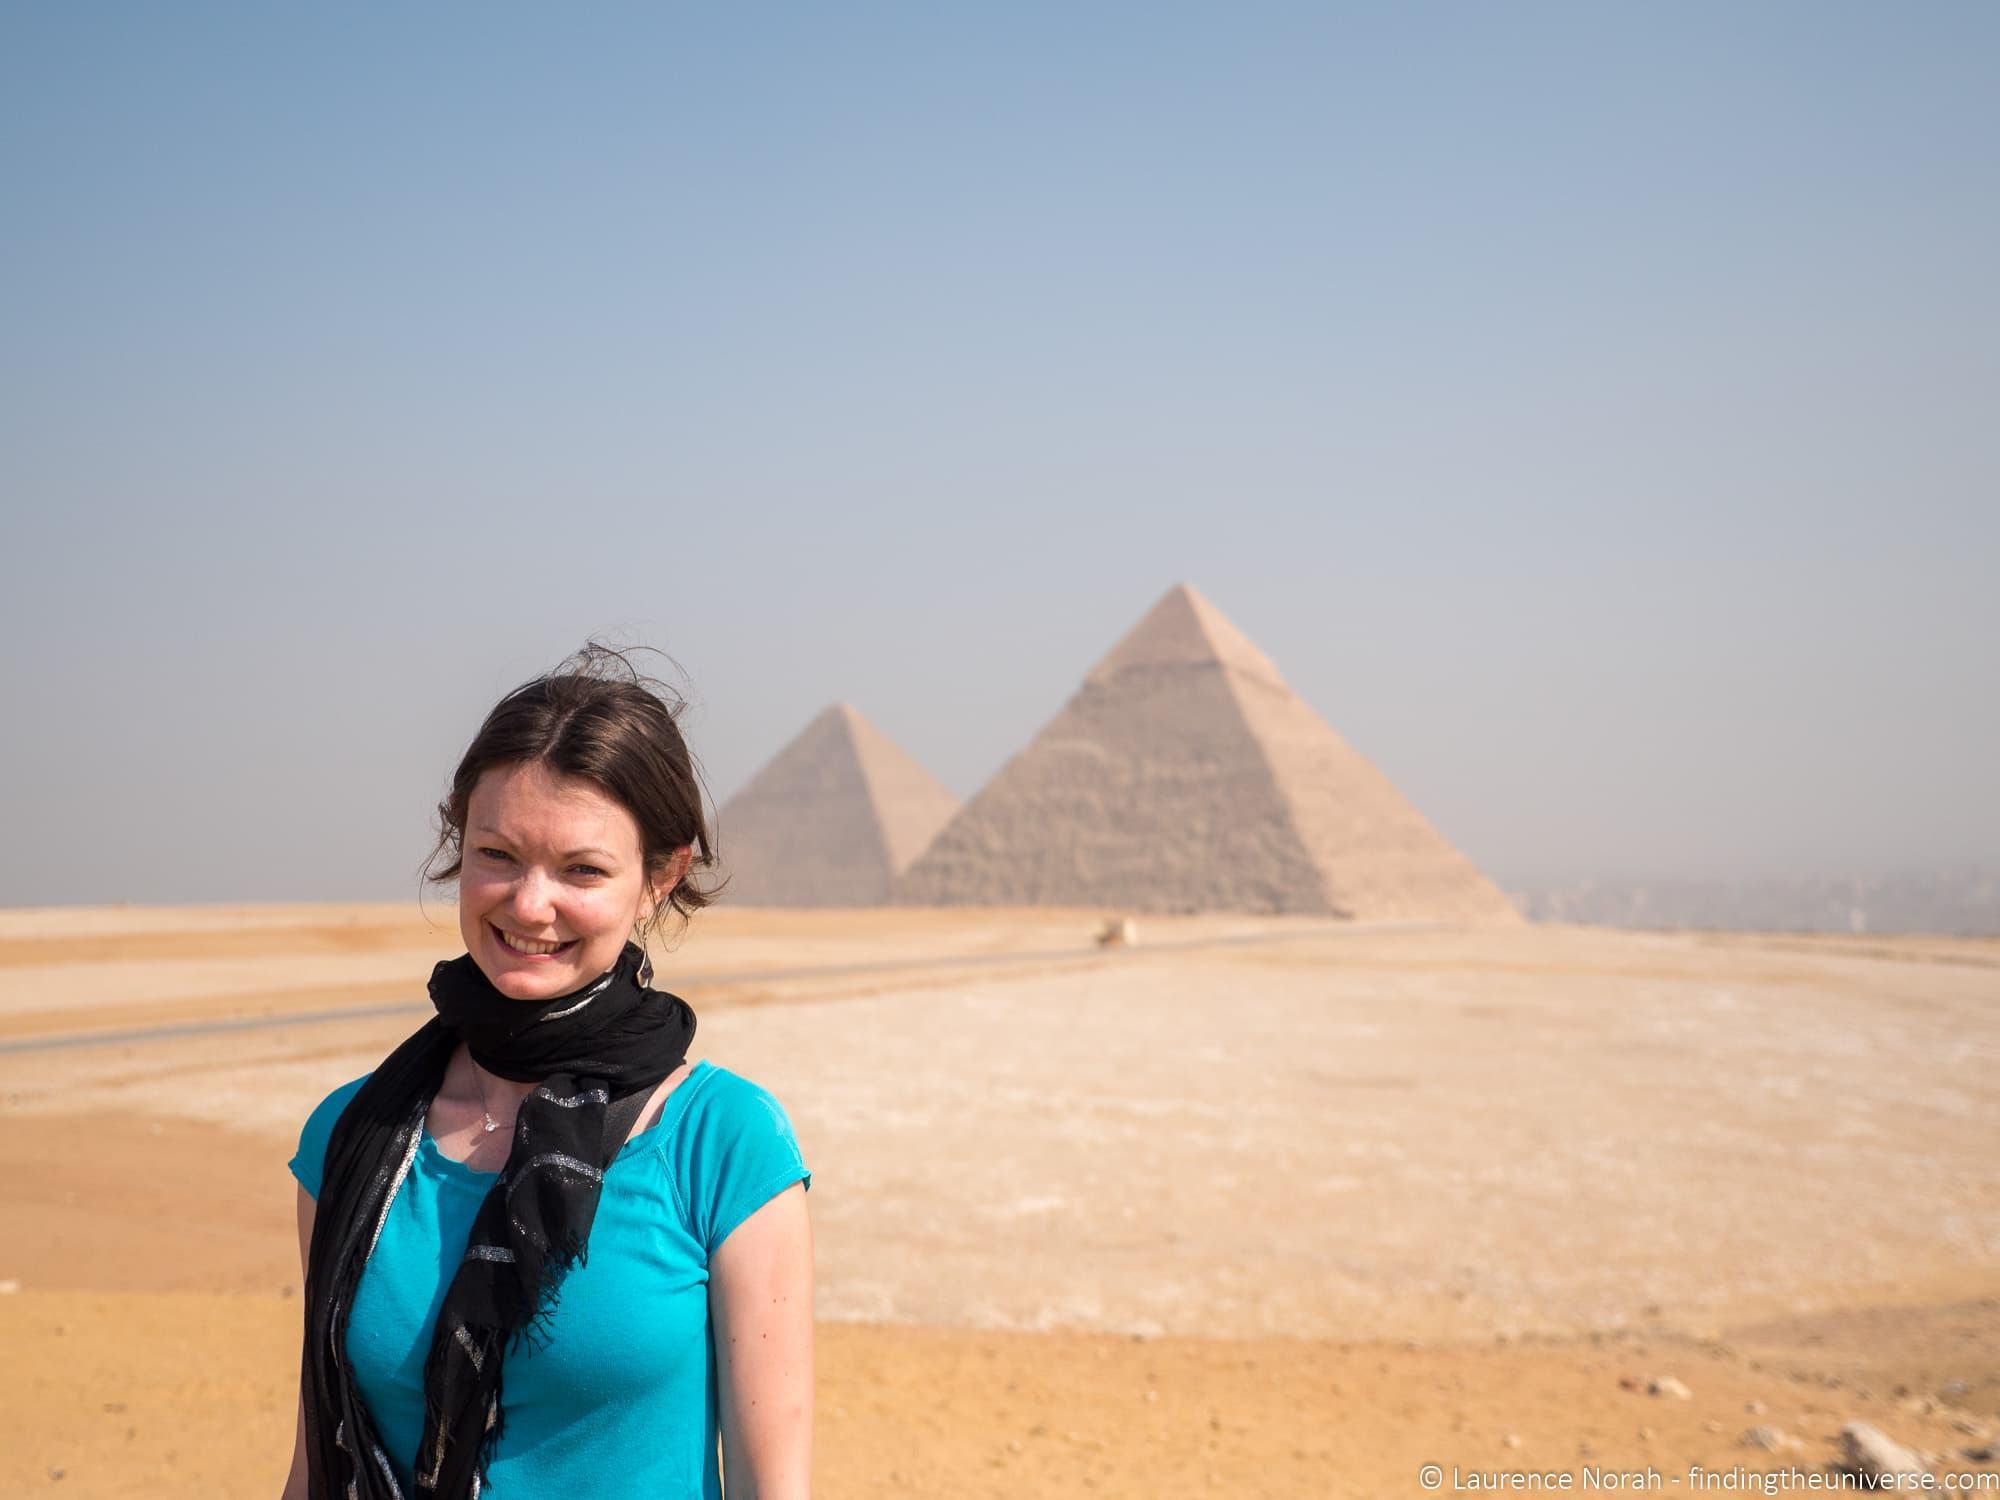 Lens compression pyramids